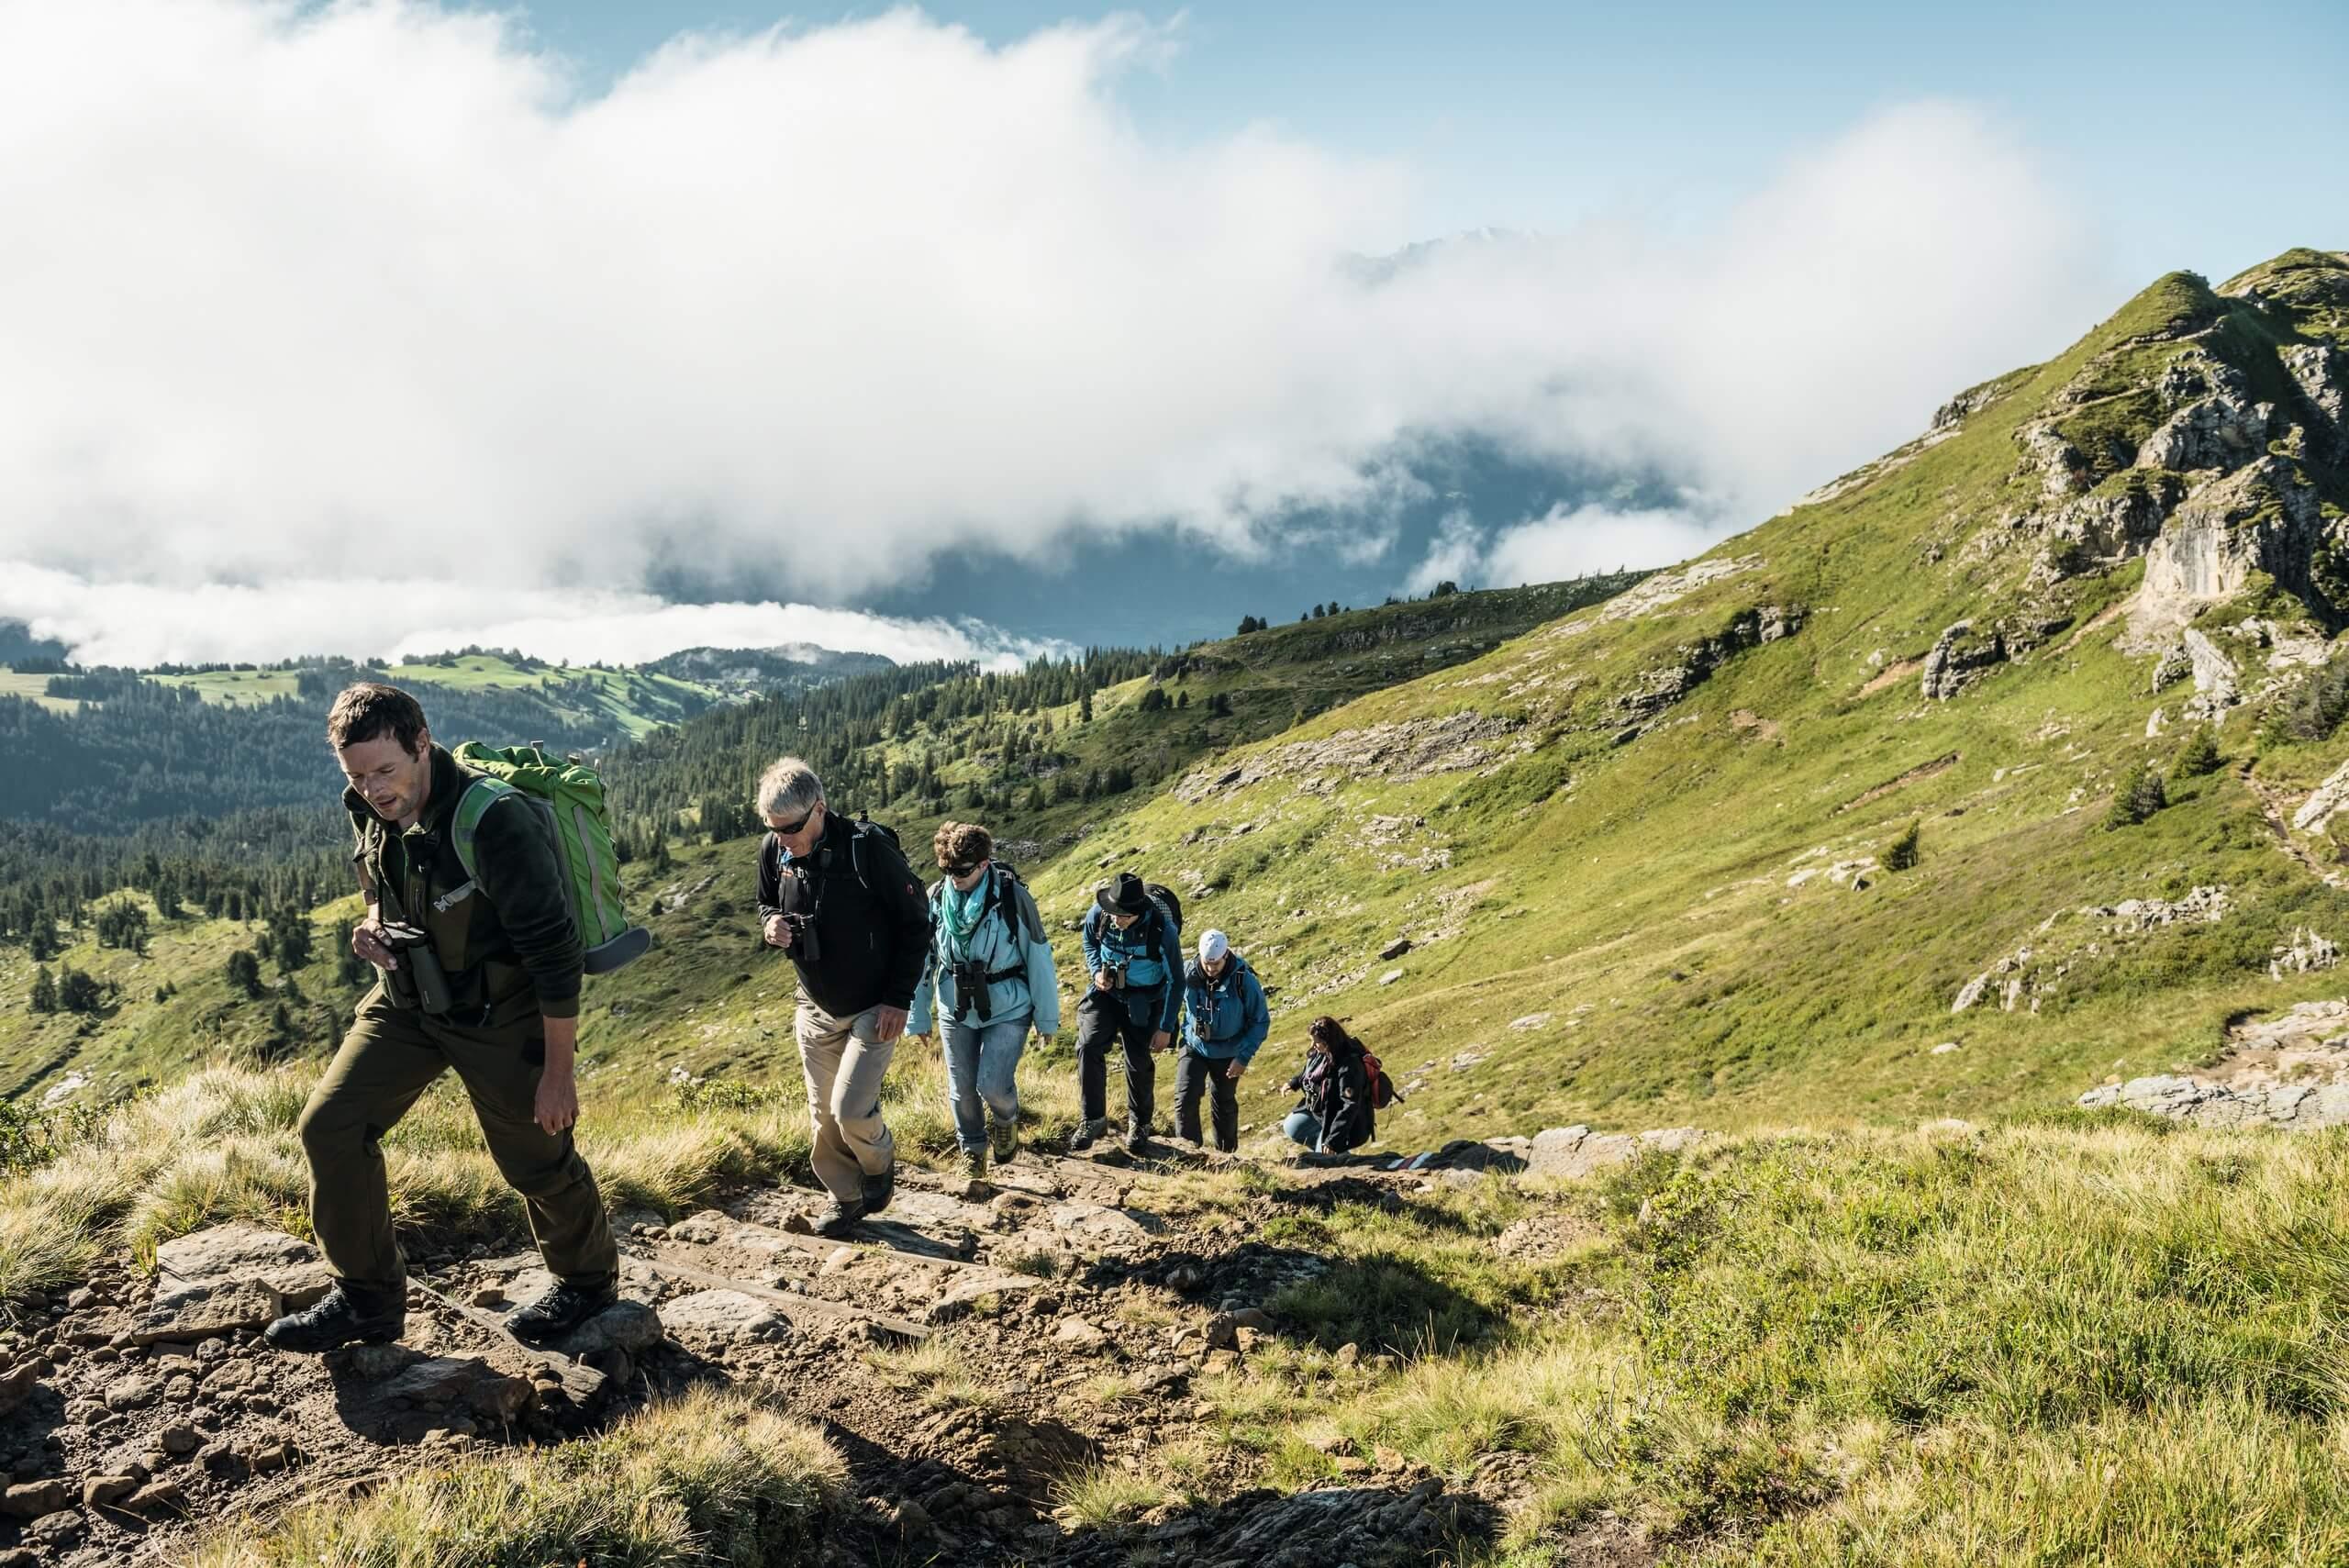 niederhorn-wildbeobachtungen-herbst-gruppe-wandern